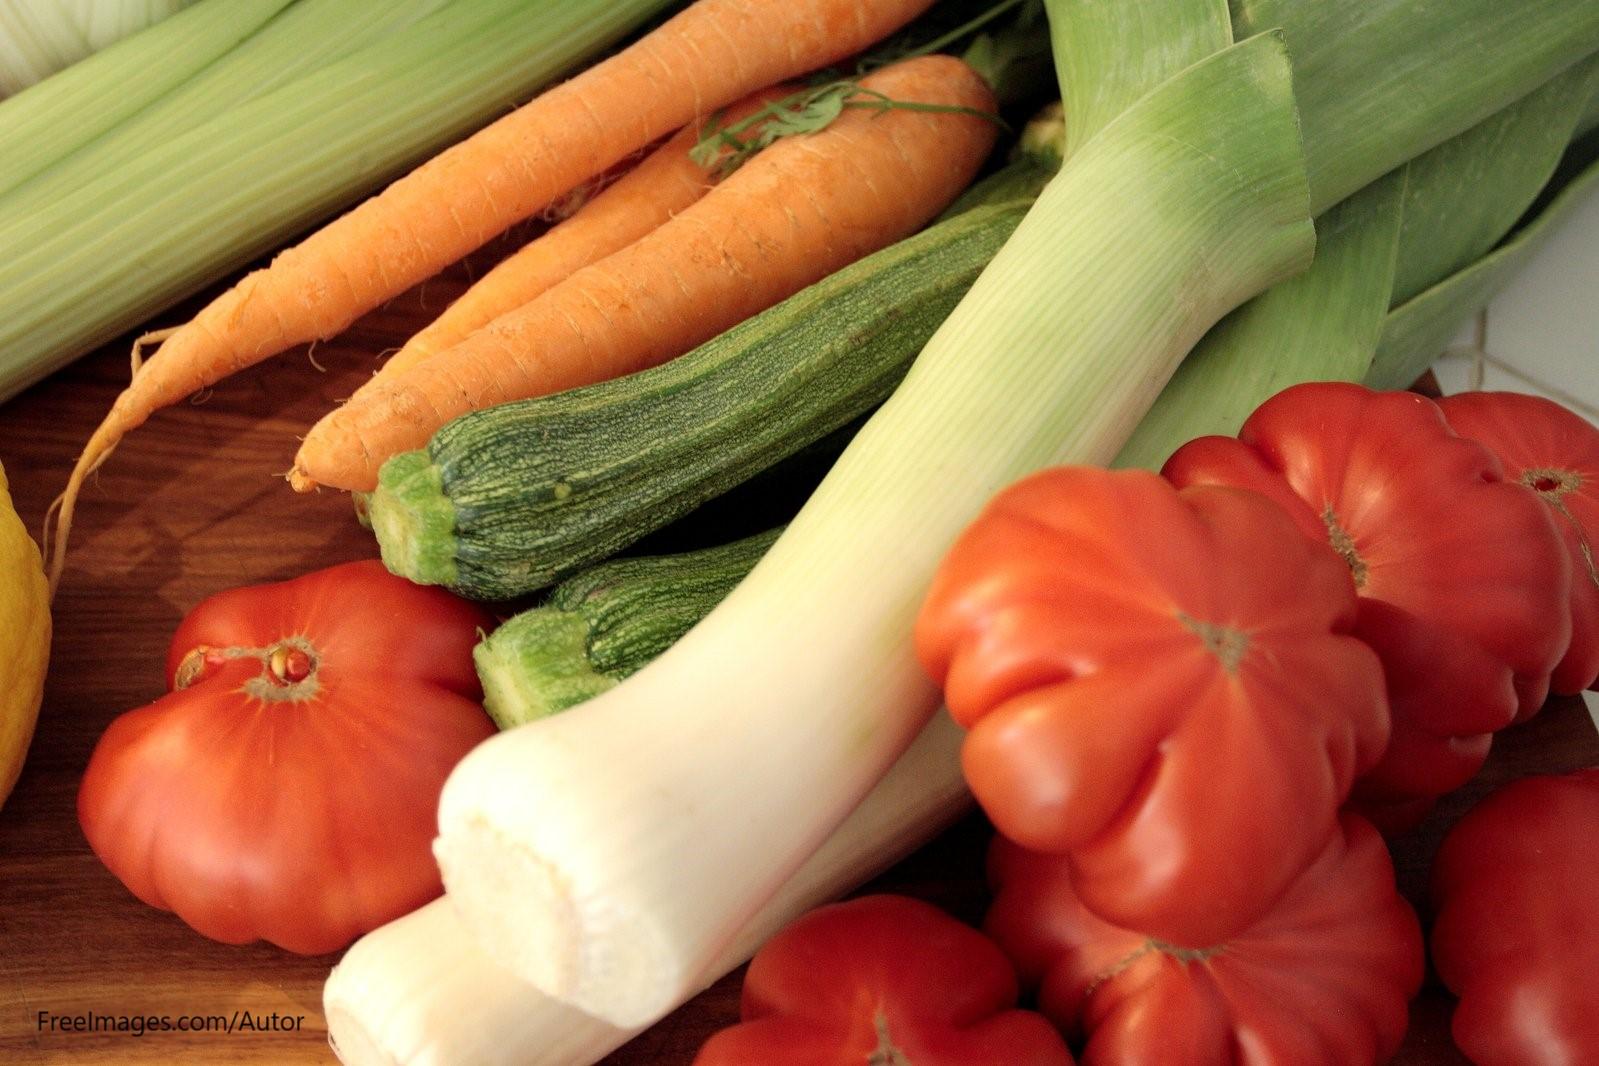 vegetables-tomato-onions-zucchine-carrots-1328035fuaclkokApirB